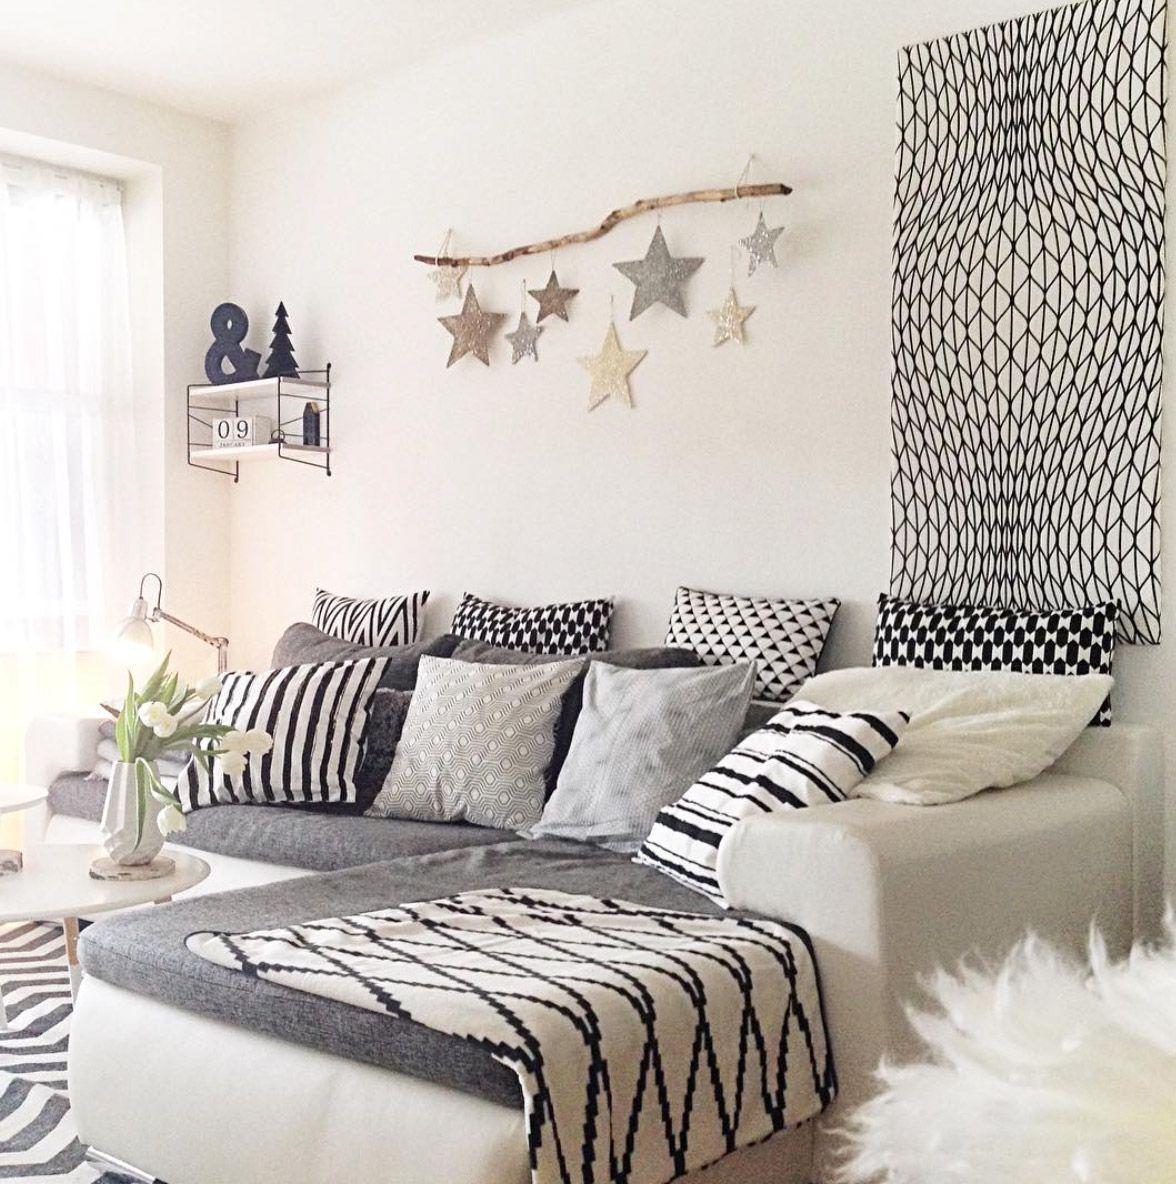 Wohnzimmer-schwarz-weiss-dekoideen | Wohnzimmer schwarz ...